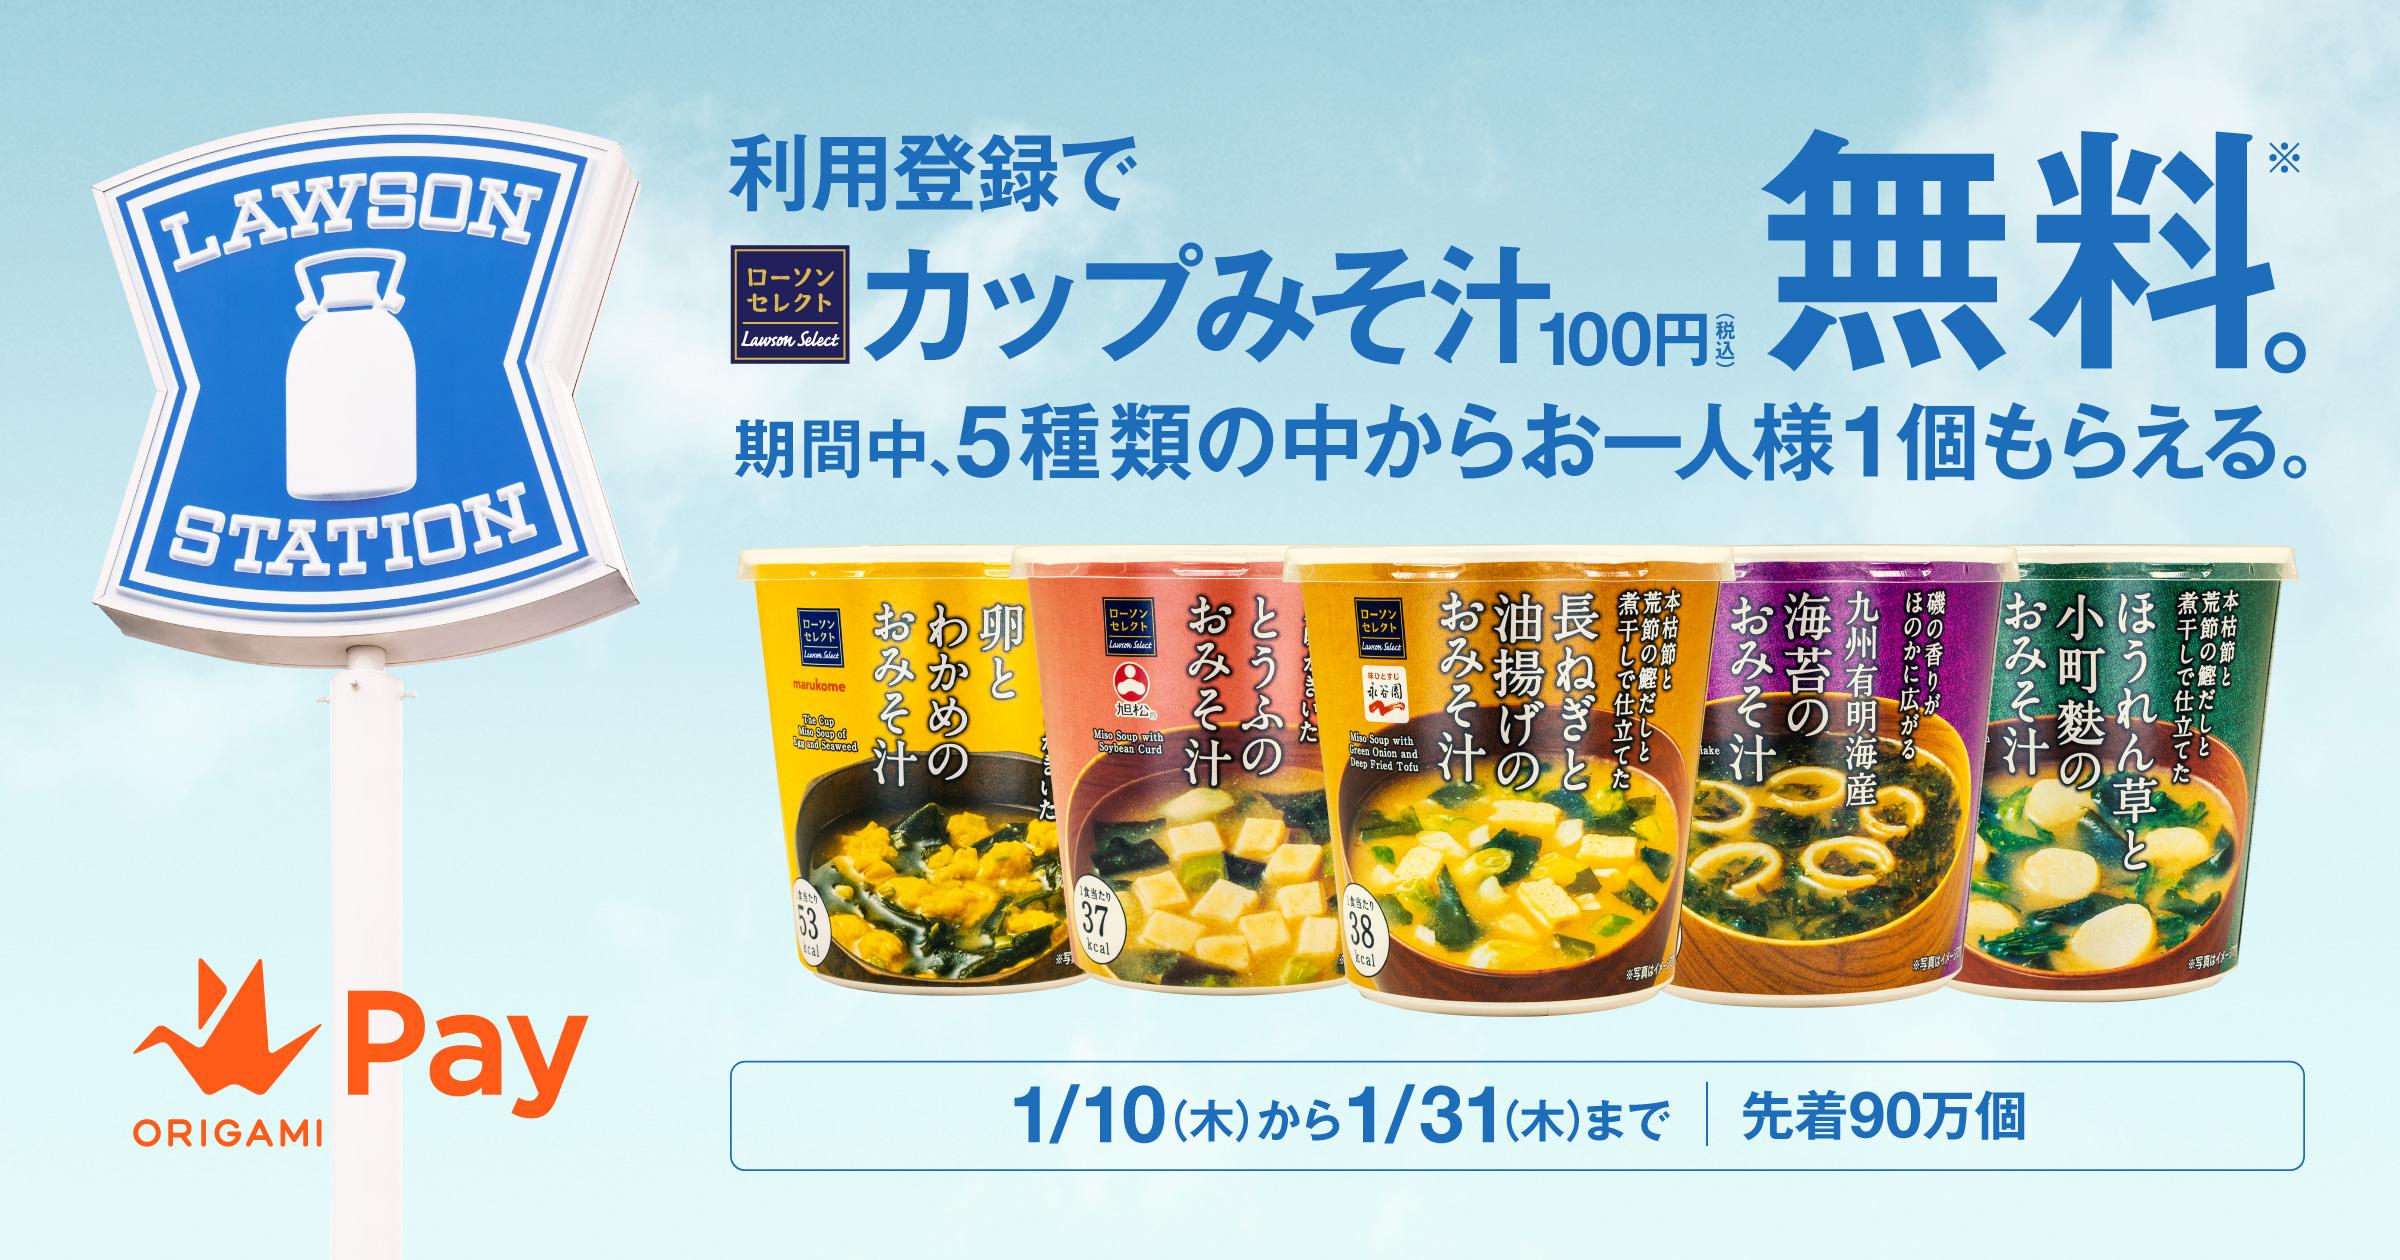 OrigamiPayで支払い情報を登録するとローソンのカップ味噌汁 100円が先着90万名にもれなく貰える。1/10~1/31。